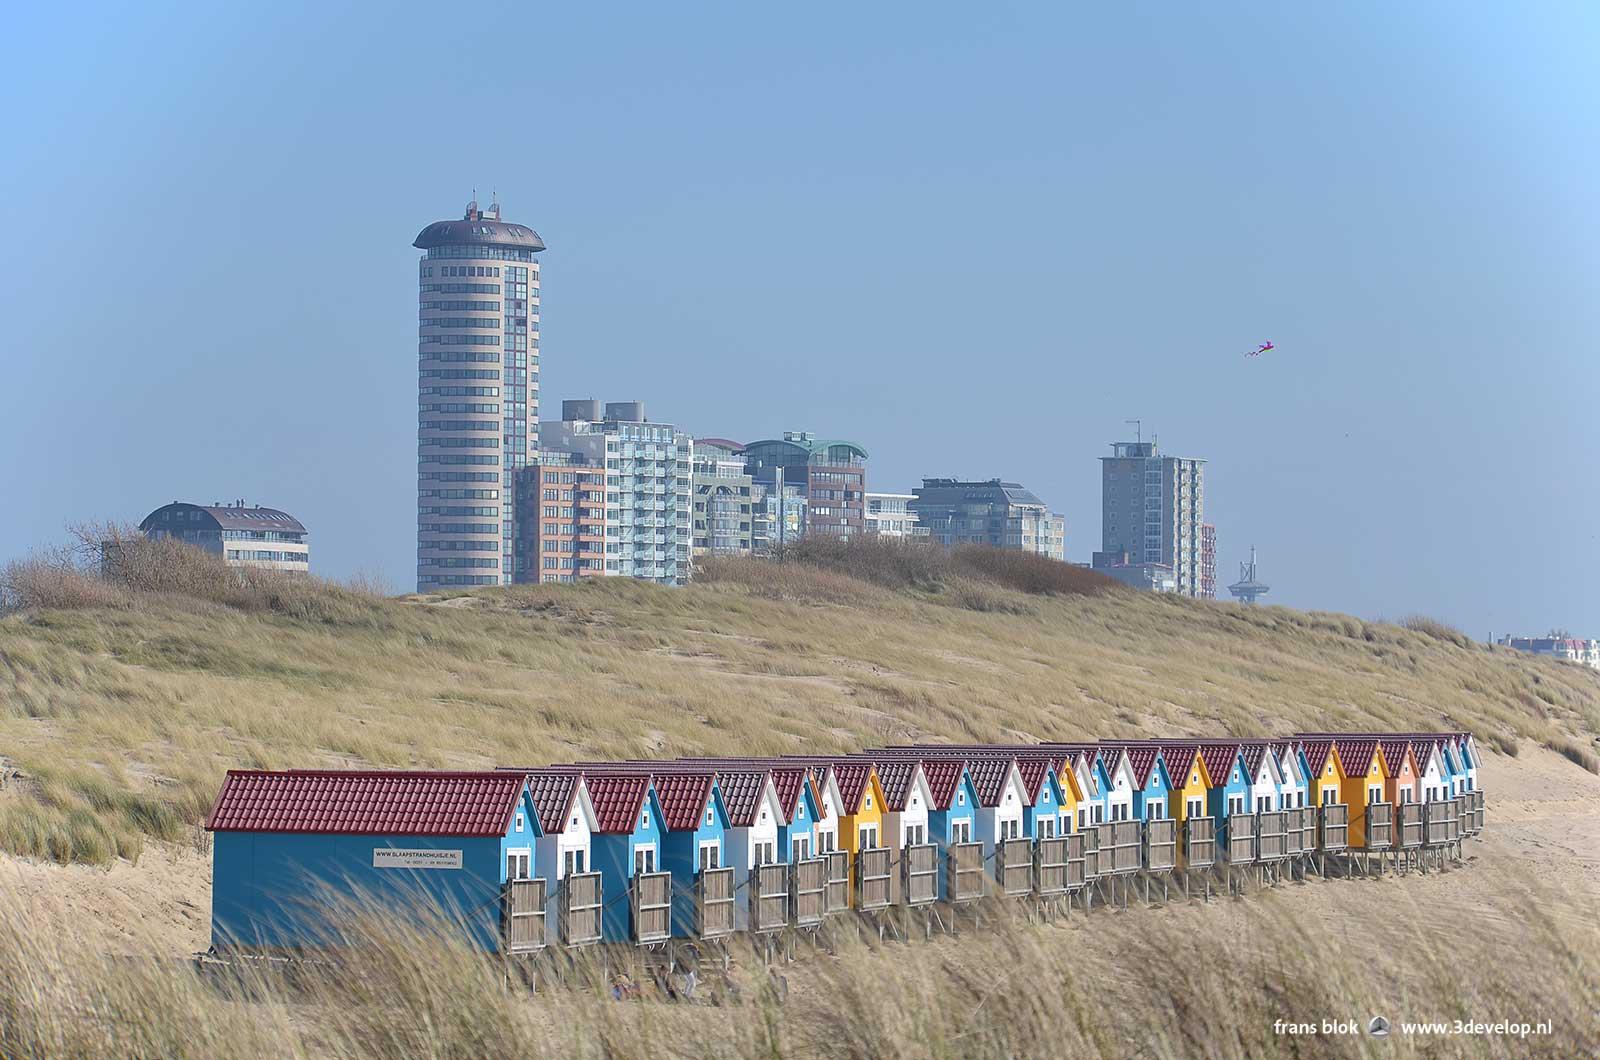 Strandhuisjes in de duinen bij Vlissingen met op de achtergrond de hoogbouw aan de boulevard